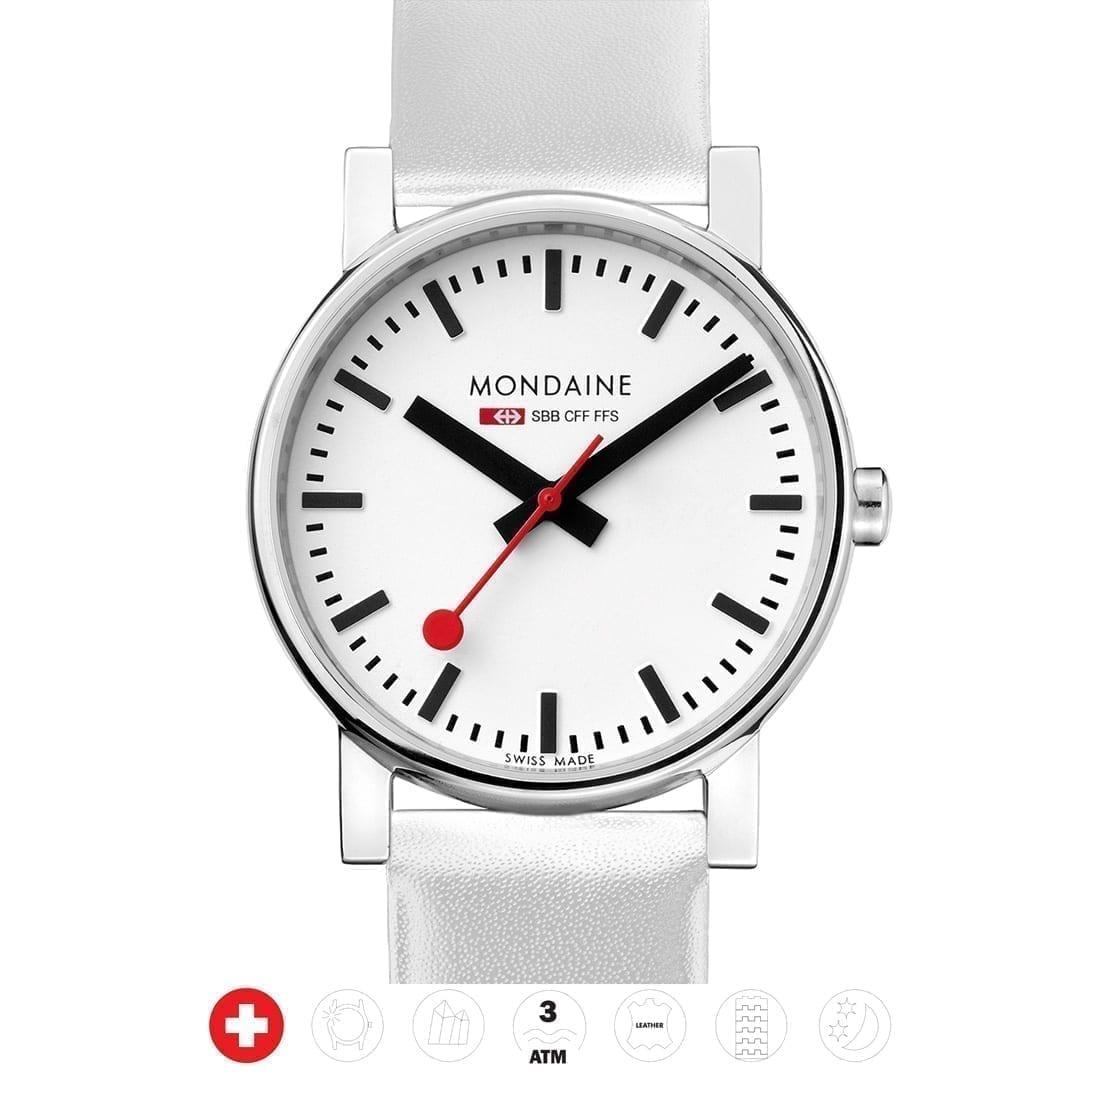 Reloj de pulsera Swiss-Mondaine